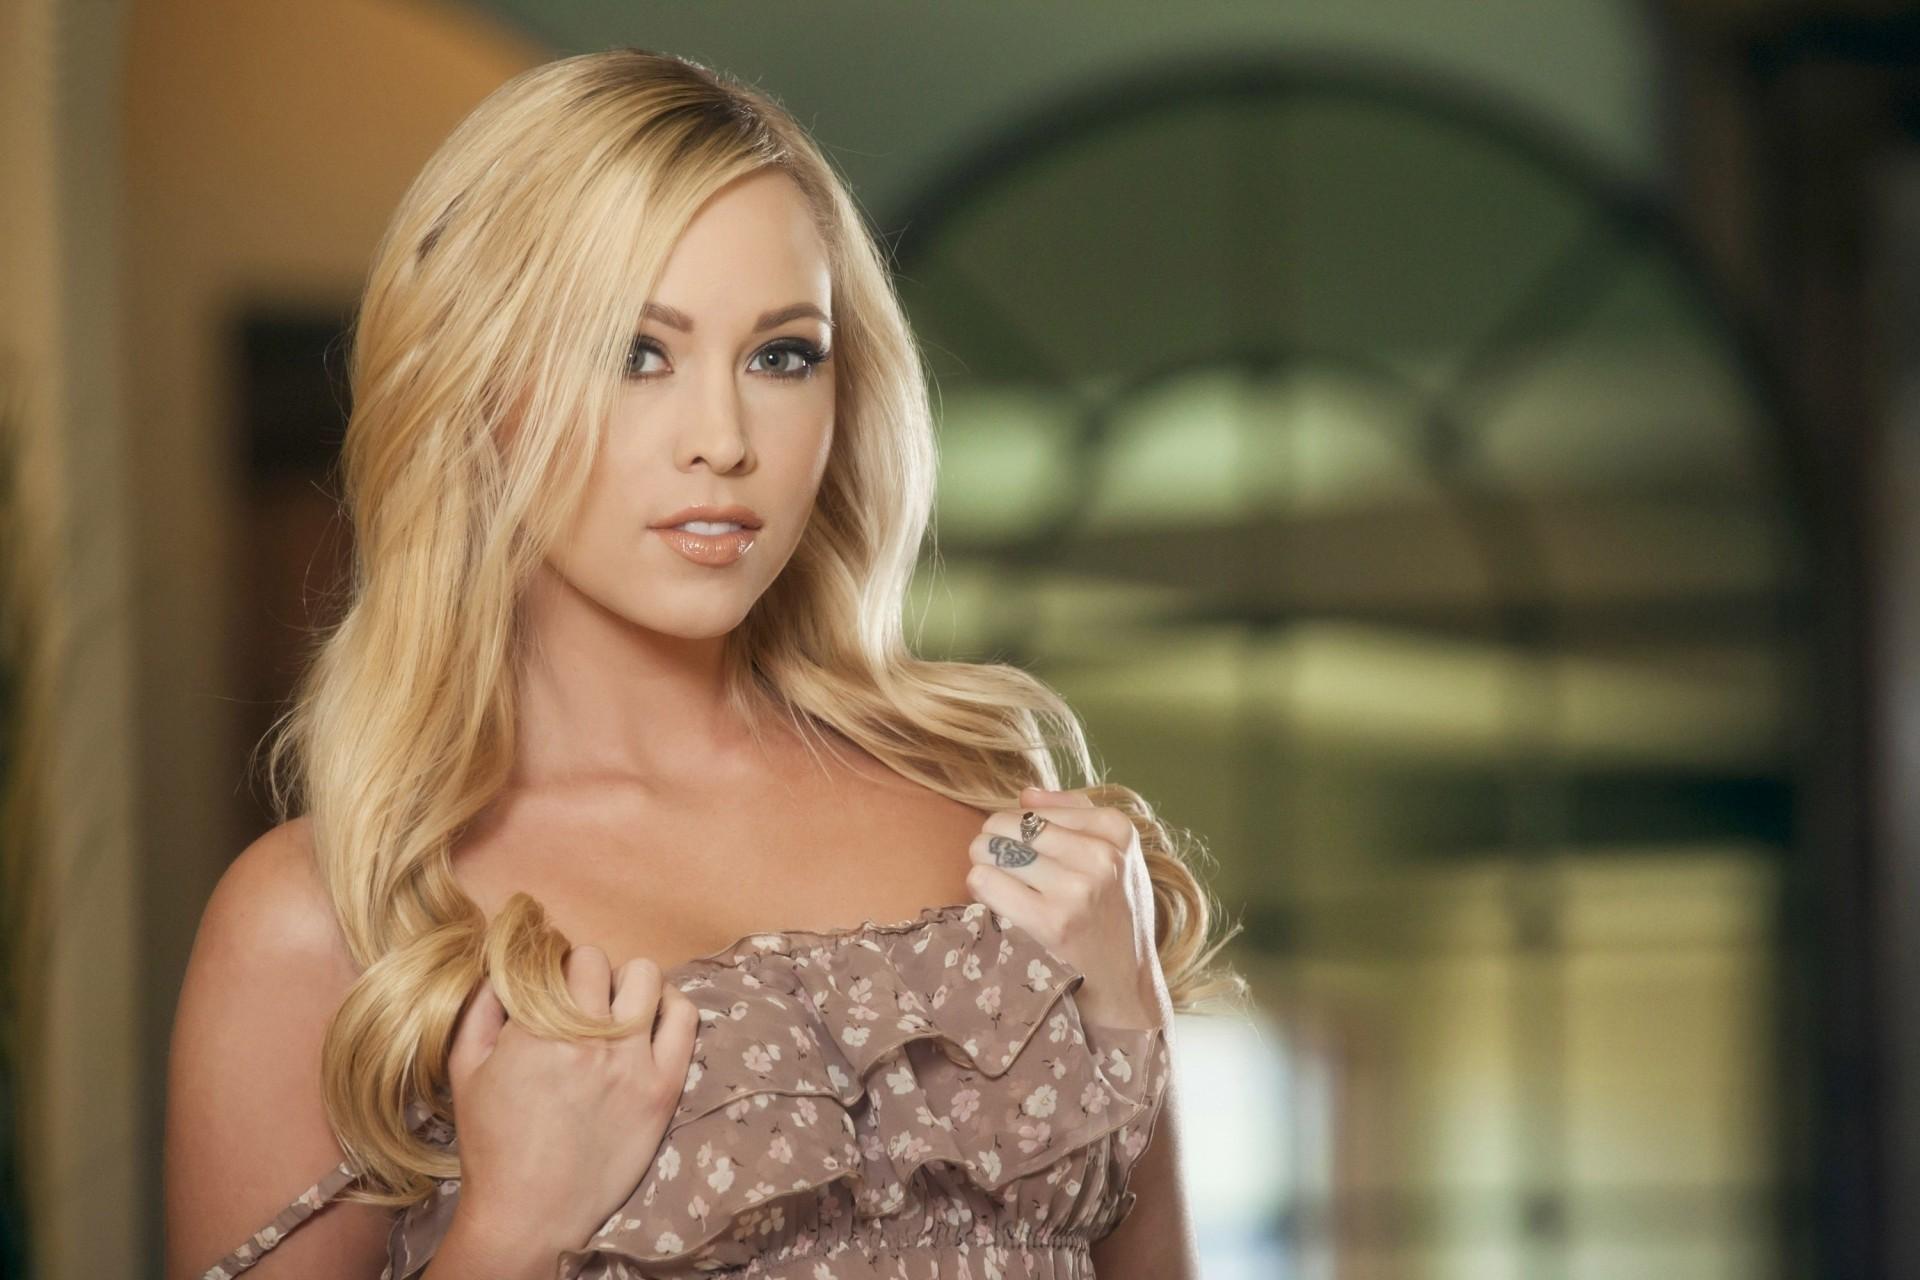 Порно жен немецкие актрисы взрослого кино